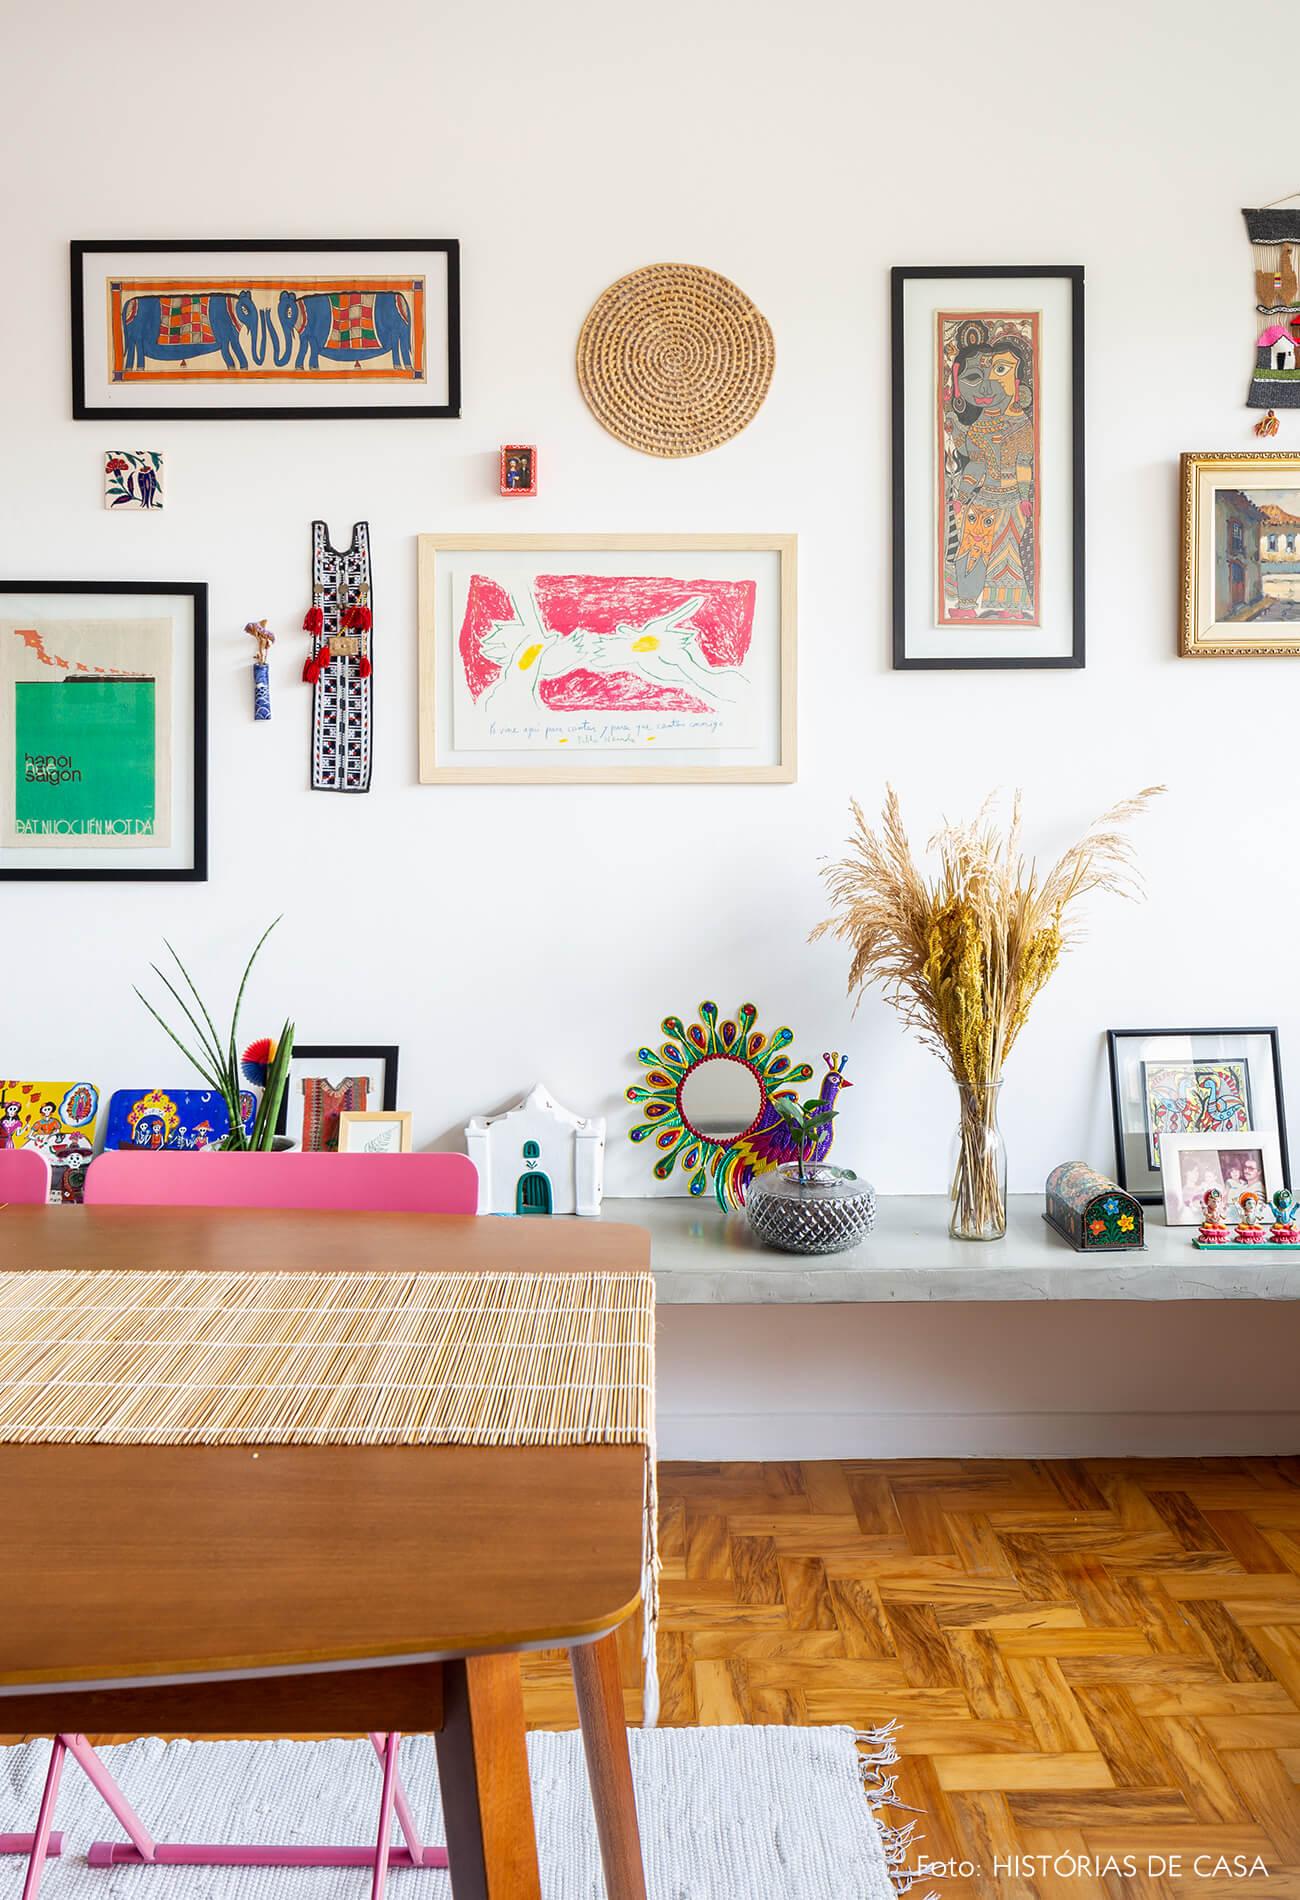 decoração sala com objetos coloridos em bancada de concreto e mesa de madeira